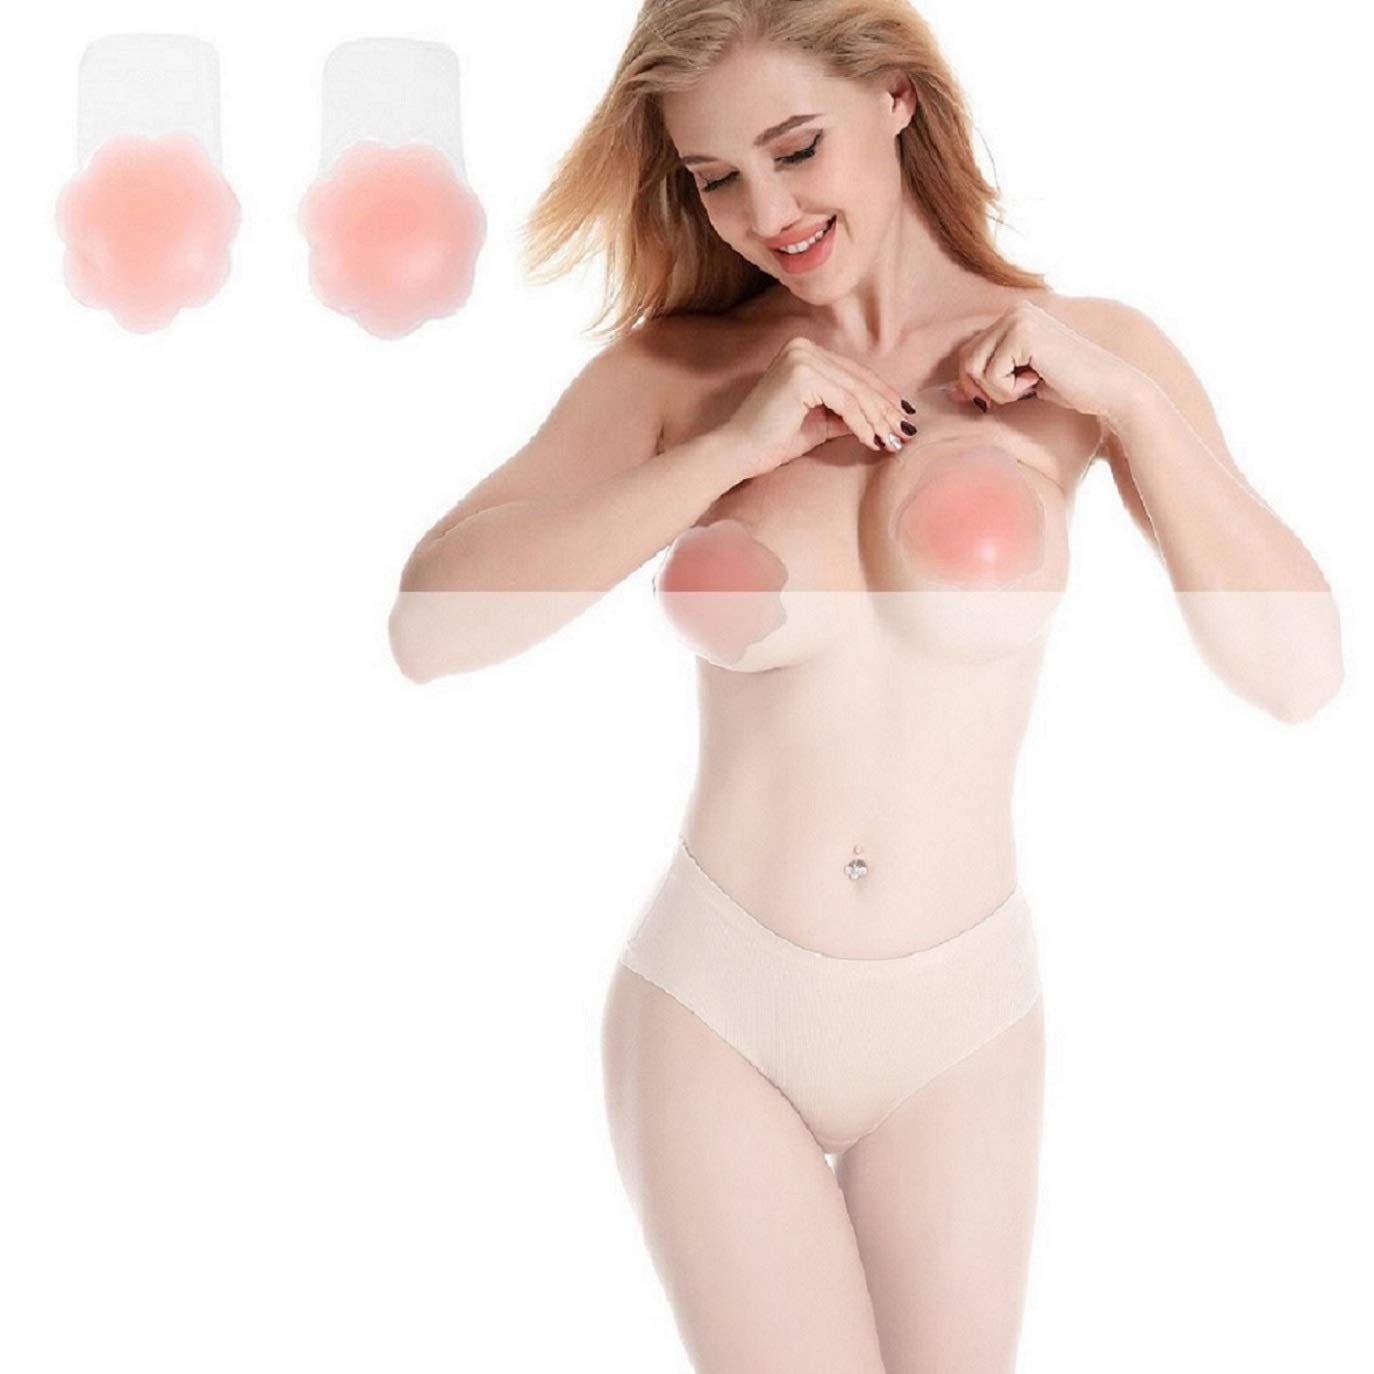 Tuopuda Klebe BH Push Up Damen Nipple Cover Unsichtbarer Brust Lift Up Adhesive Bra f/ür Tr/ägerloser R/ückenfrei Abendkleider Unsichtbare Nippelabdeckung Selbstklebend